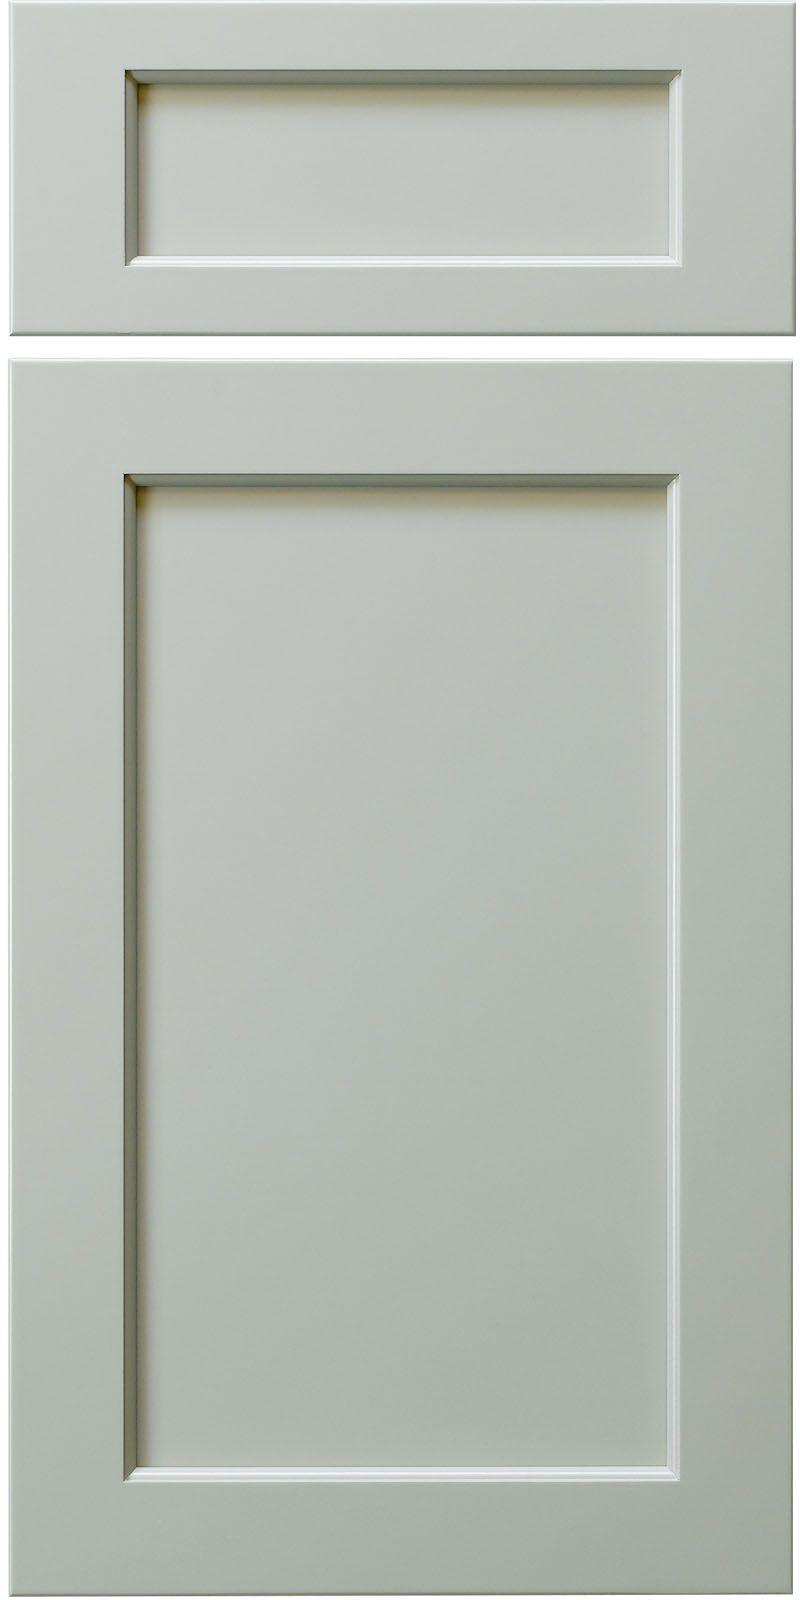 Conestoga Wood Specialties Five Piece Mdf Doors Tw10 Cabinet Doors Conestoga Cabinets Mdf Cabinets